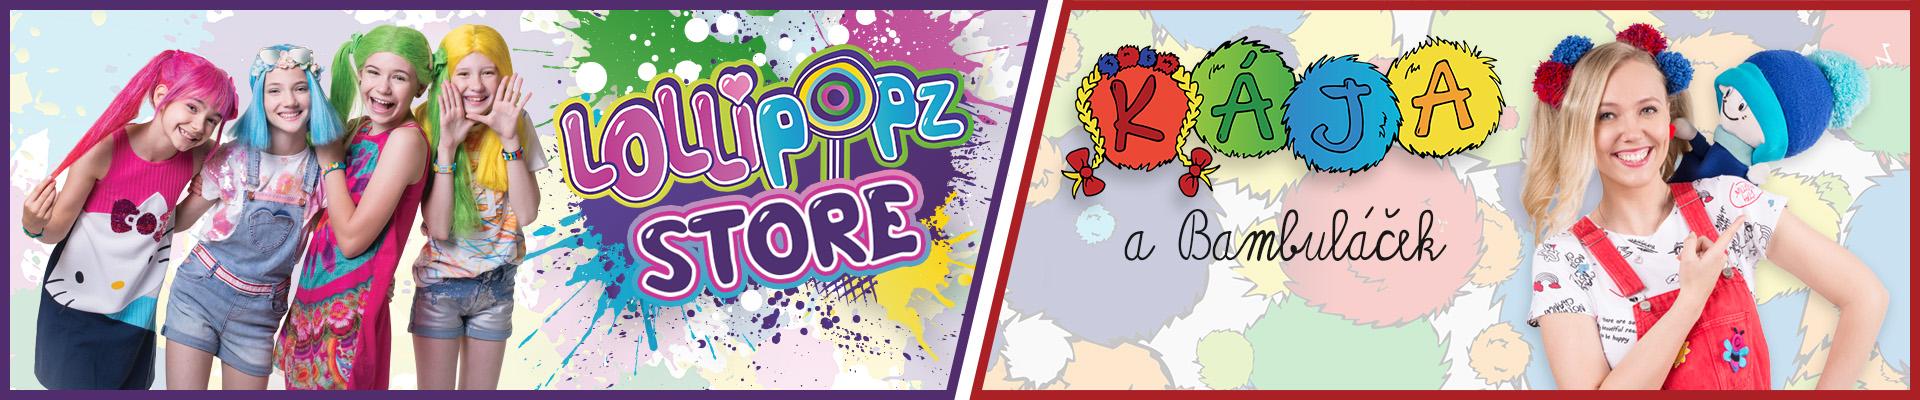 Lollipopz Store